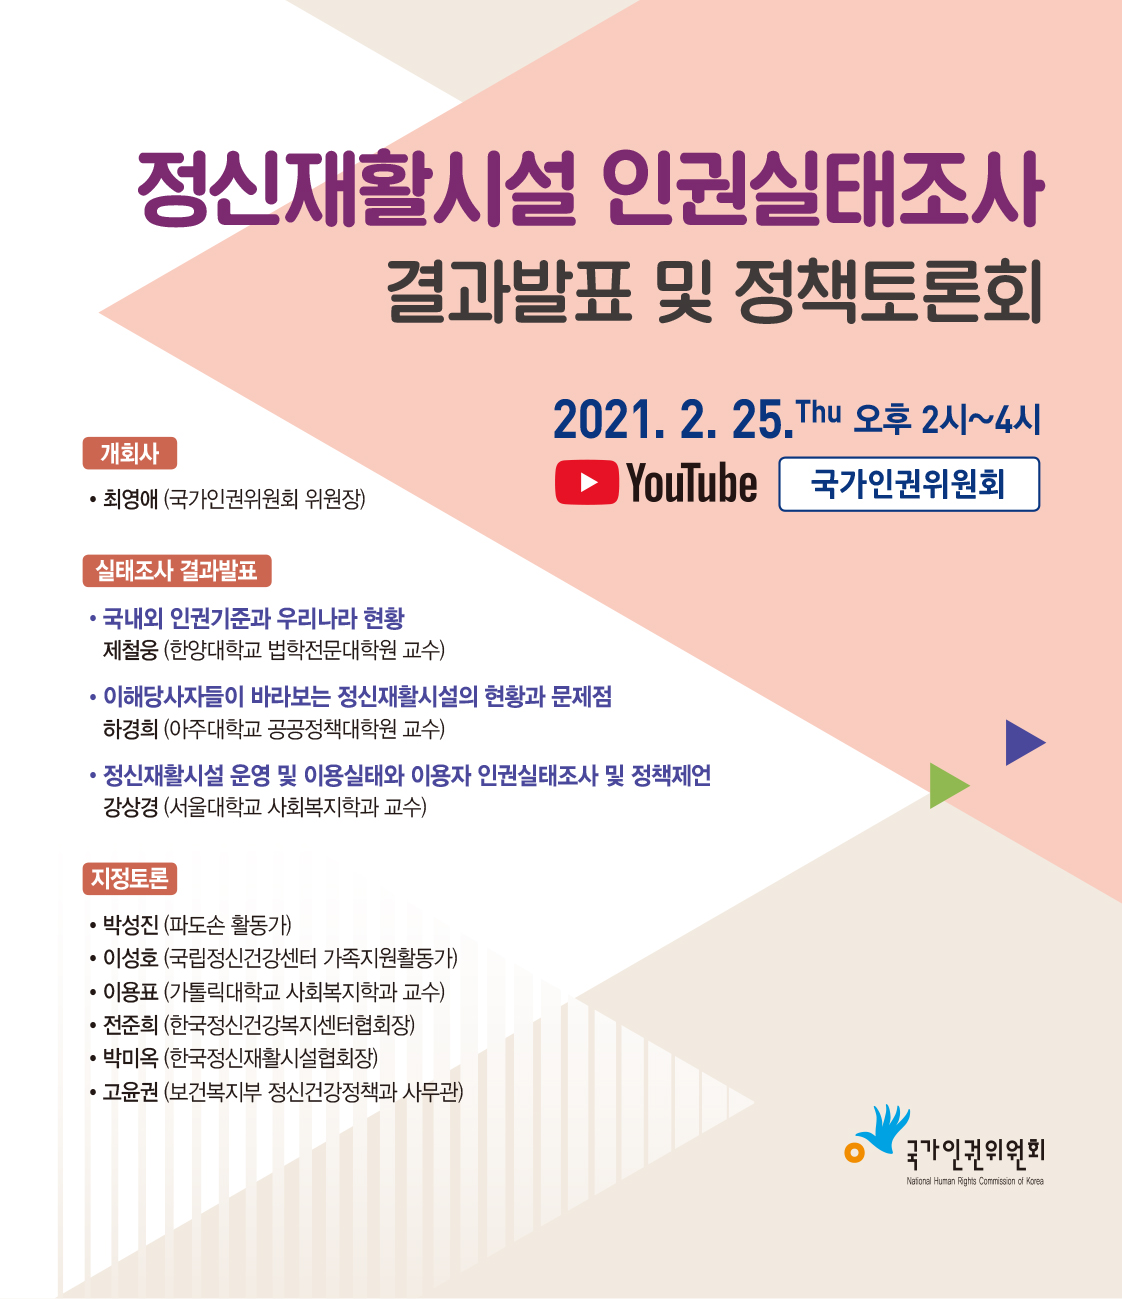 정신재활시설 인권실태조사 결과발표 및 정책토론회 개최 안내